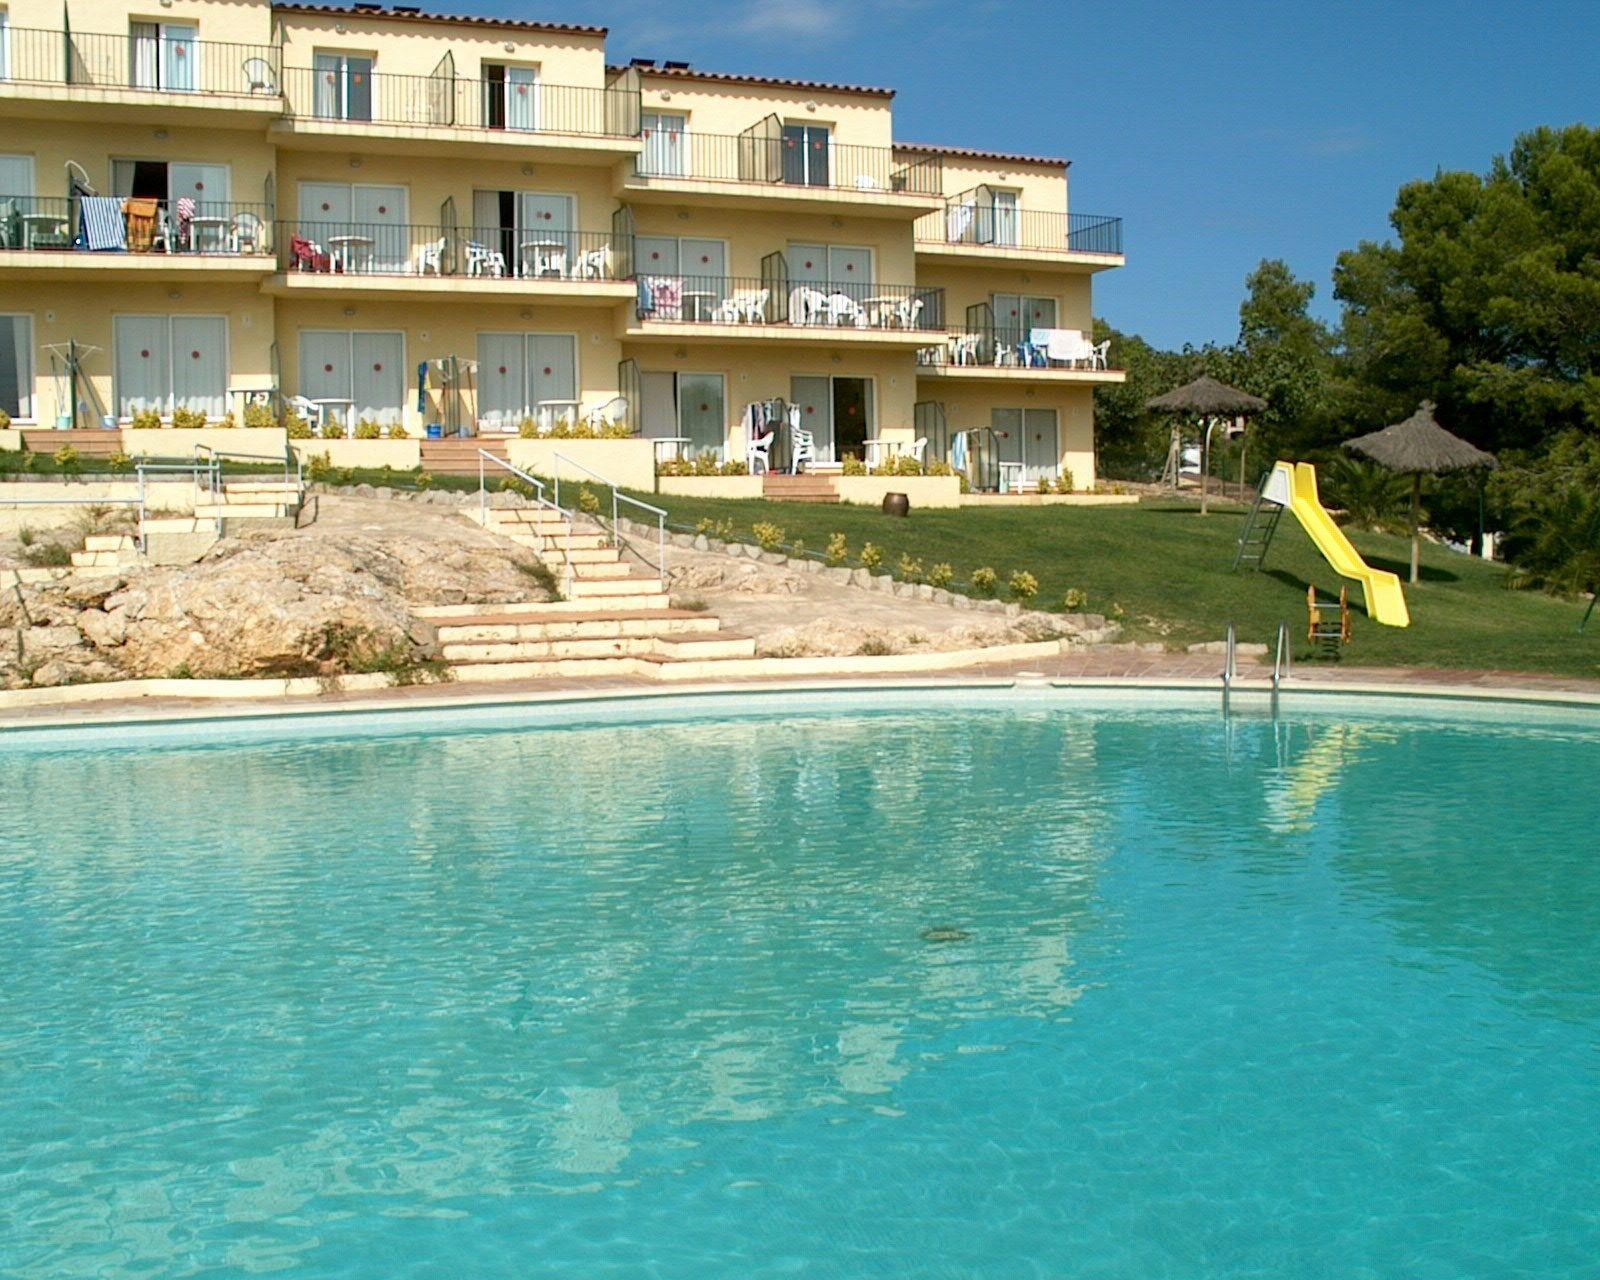 appartement de vacances avec piscine